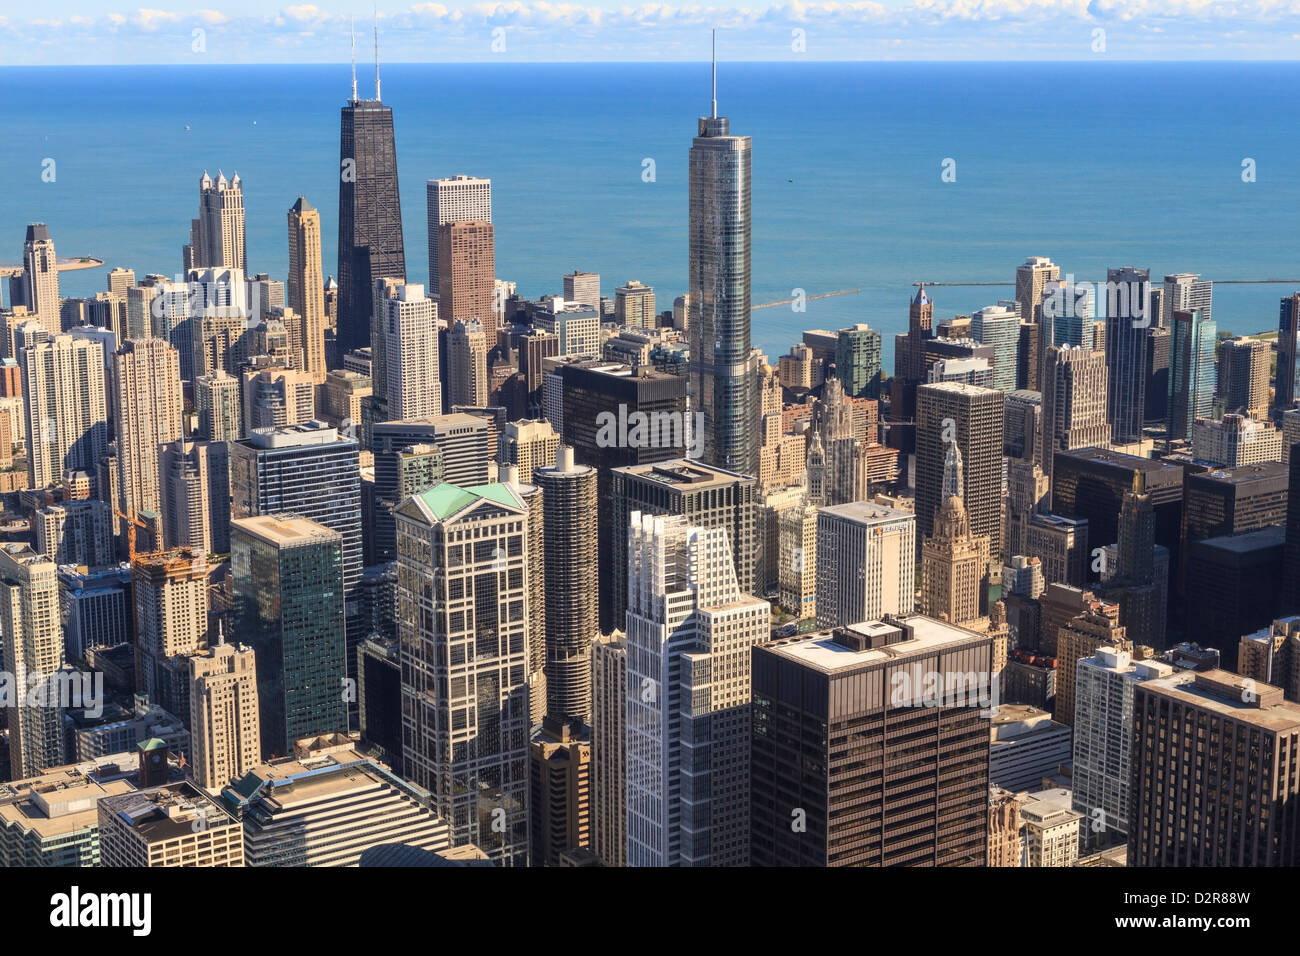 Paesaggio urbano di Chicago e del lago Michigan, Hancock Center e Trump Tower, Chicago, Illinois, Stati Uniti d'America, Immagini Stock